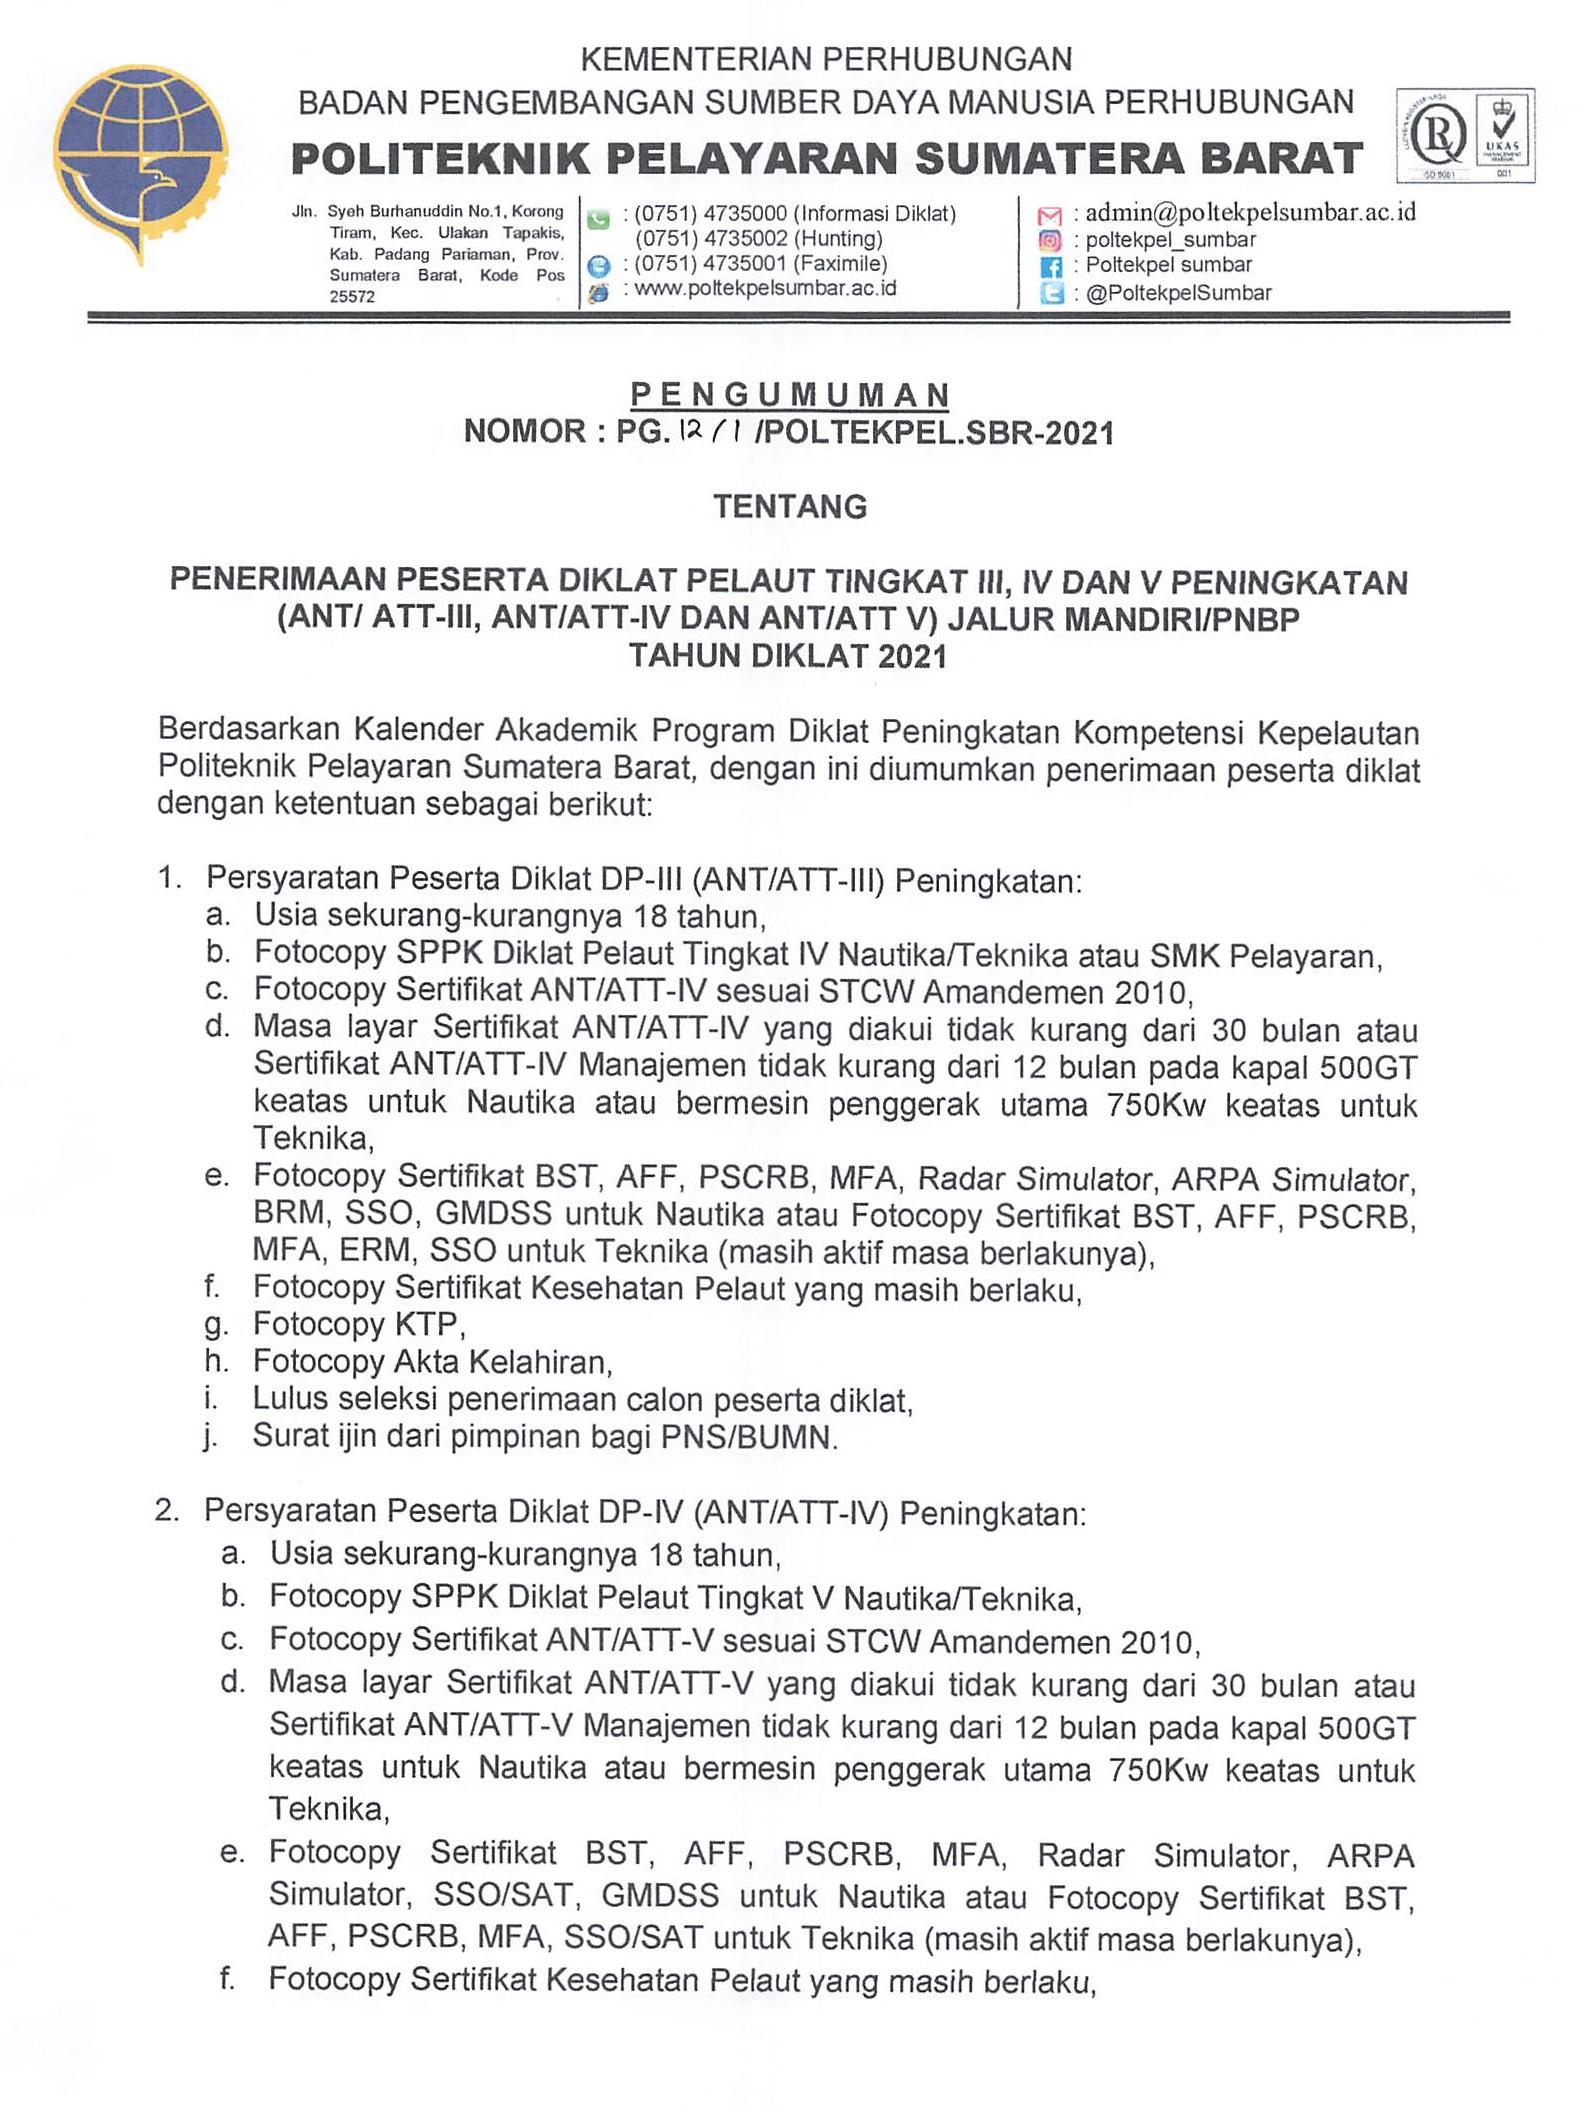 PENERIMAAN PESERTA DIKLAT PELAUT TINGKAT III, IV DAN V PENINGKATAN (ANT_ ATT-III, ANT_ATT-IV DAN ANT_ATT V) (JALUR MANDIRI/PNBP) TAHUN DIKLAT 2021